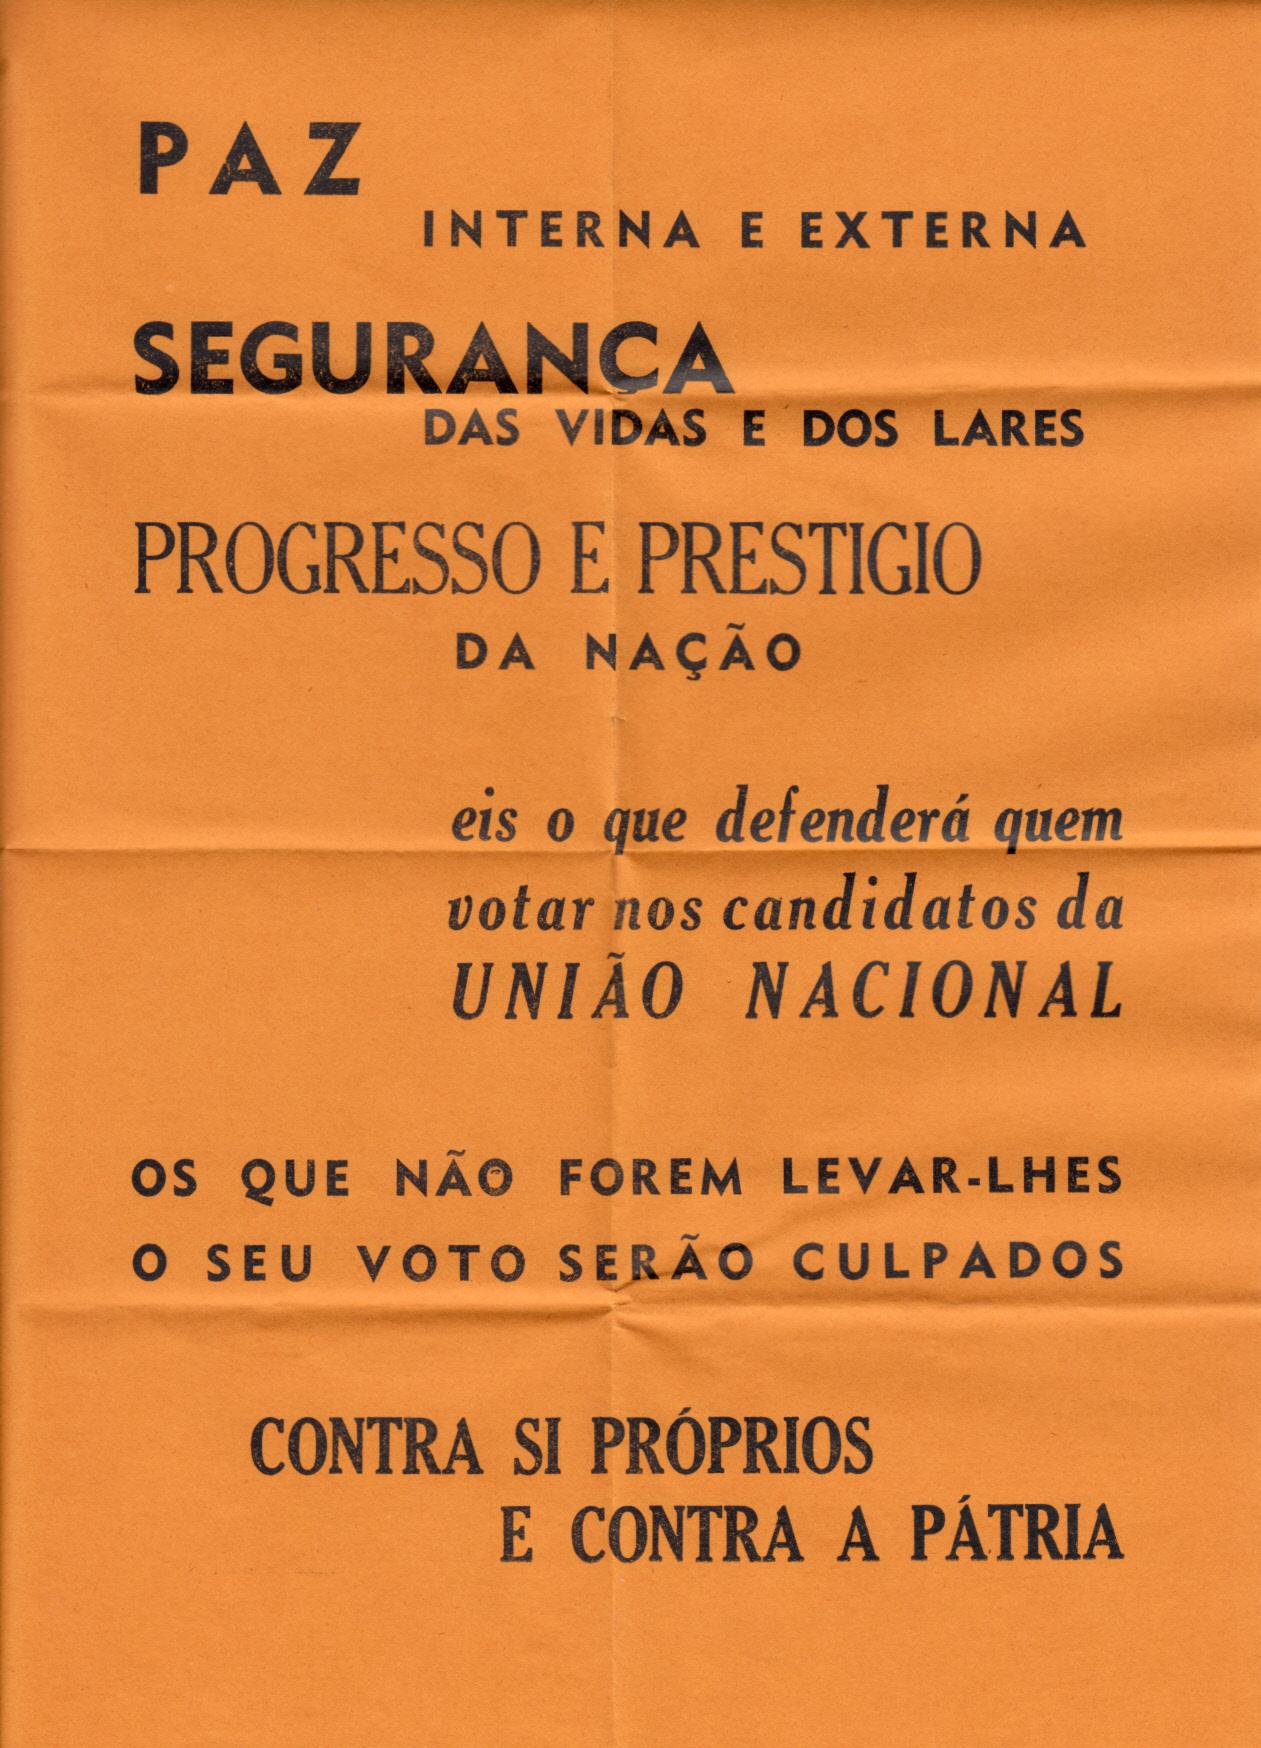 Eleicoes_1953_11_08_UN_0004